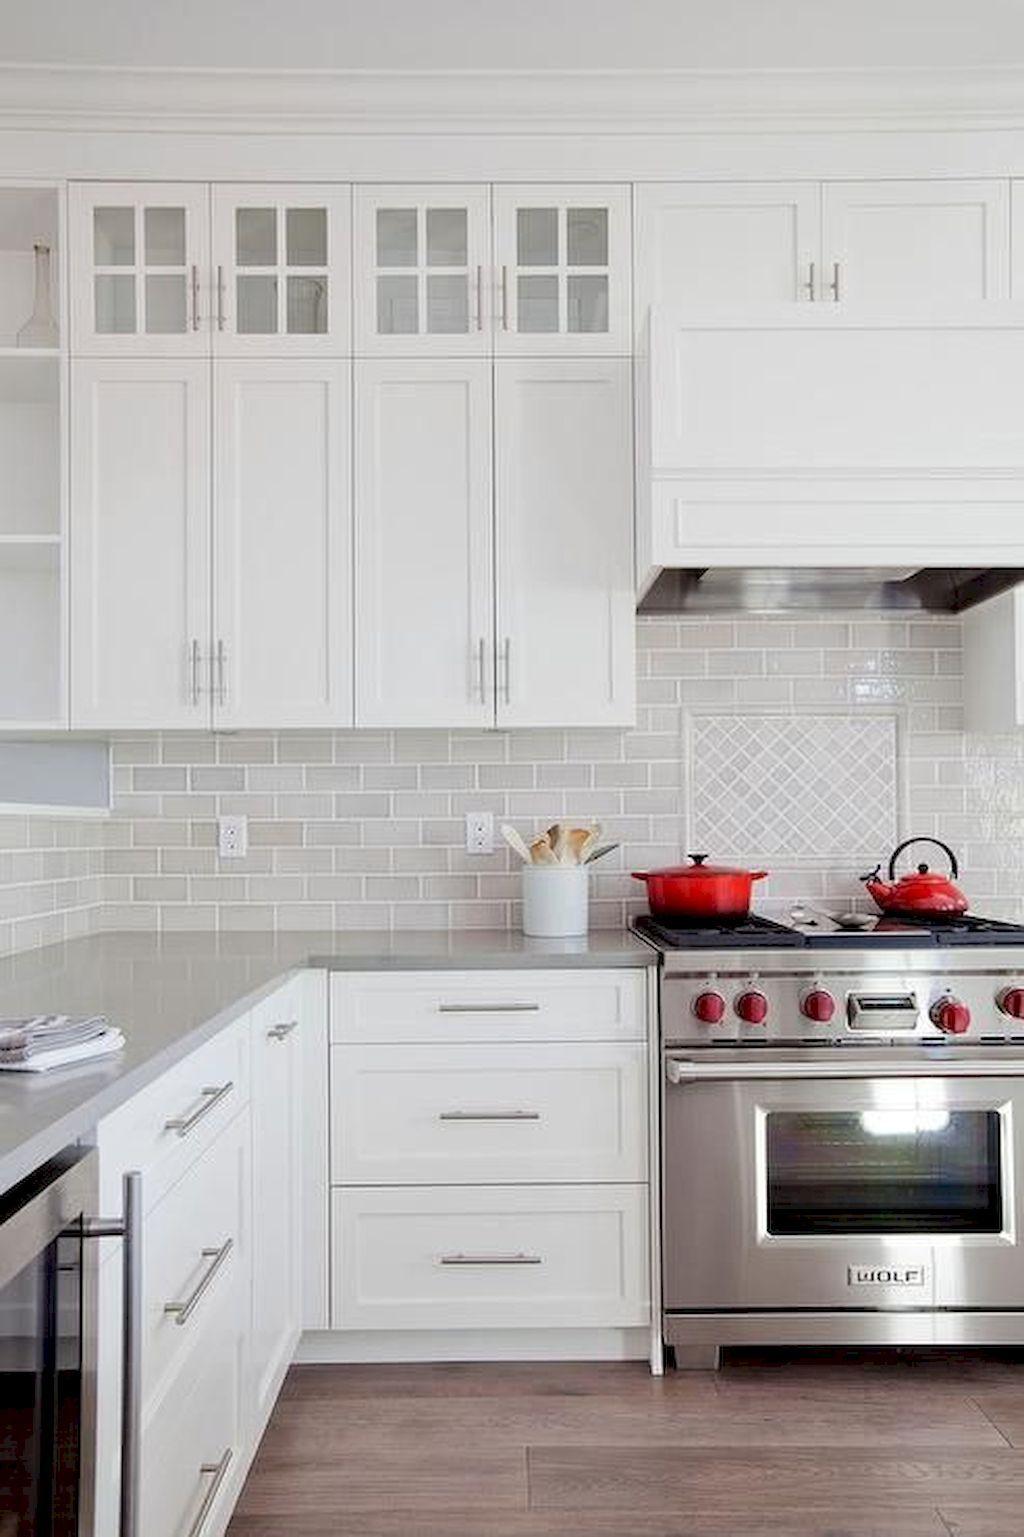 Gl Subway Tile Backsplash Kitchen White Cabinets Gray Tiles Backsplashes With